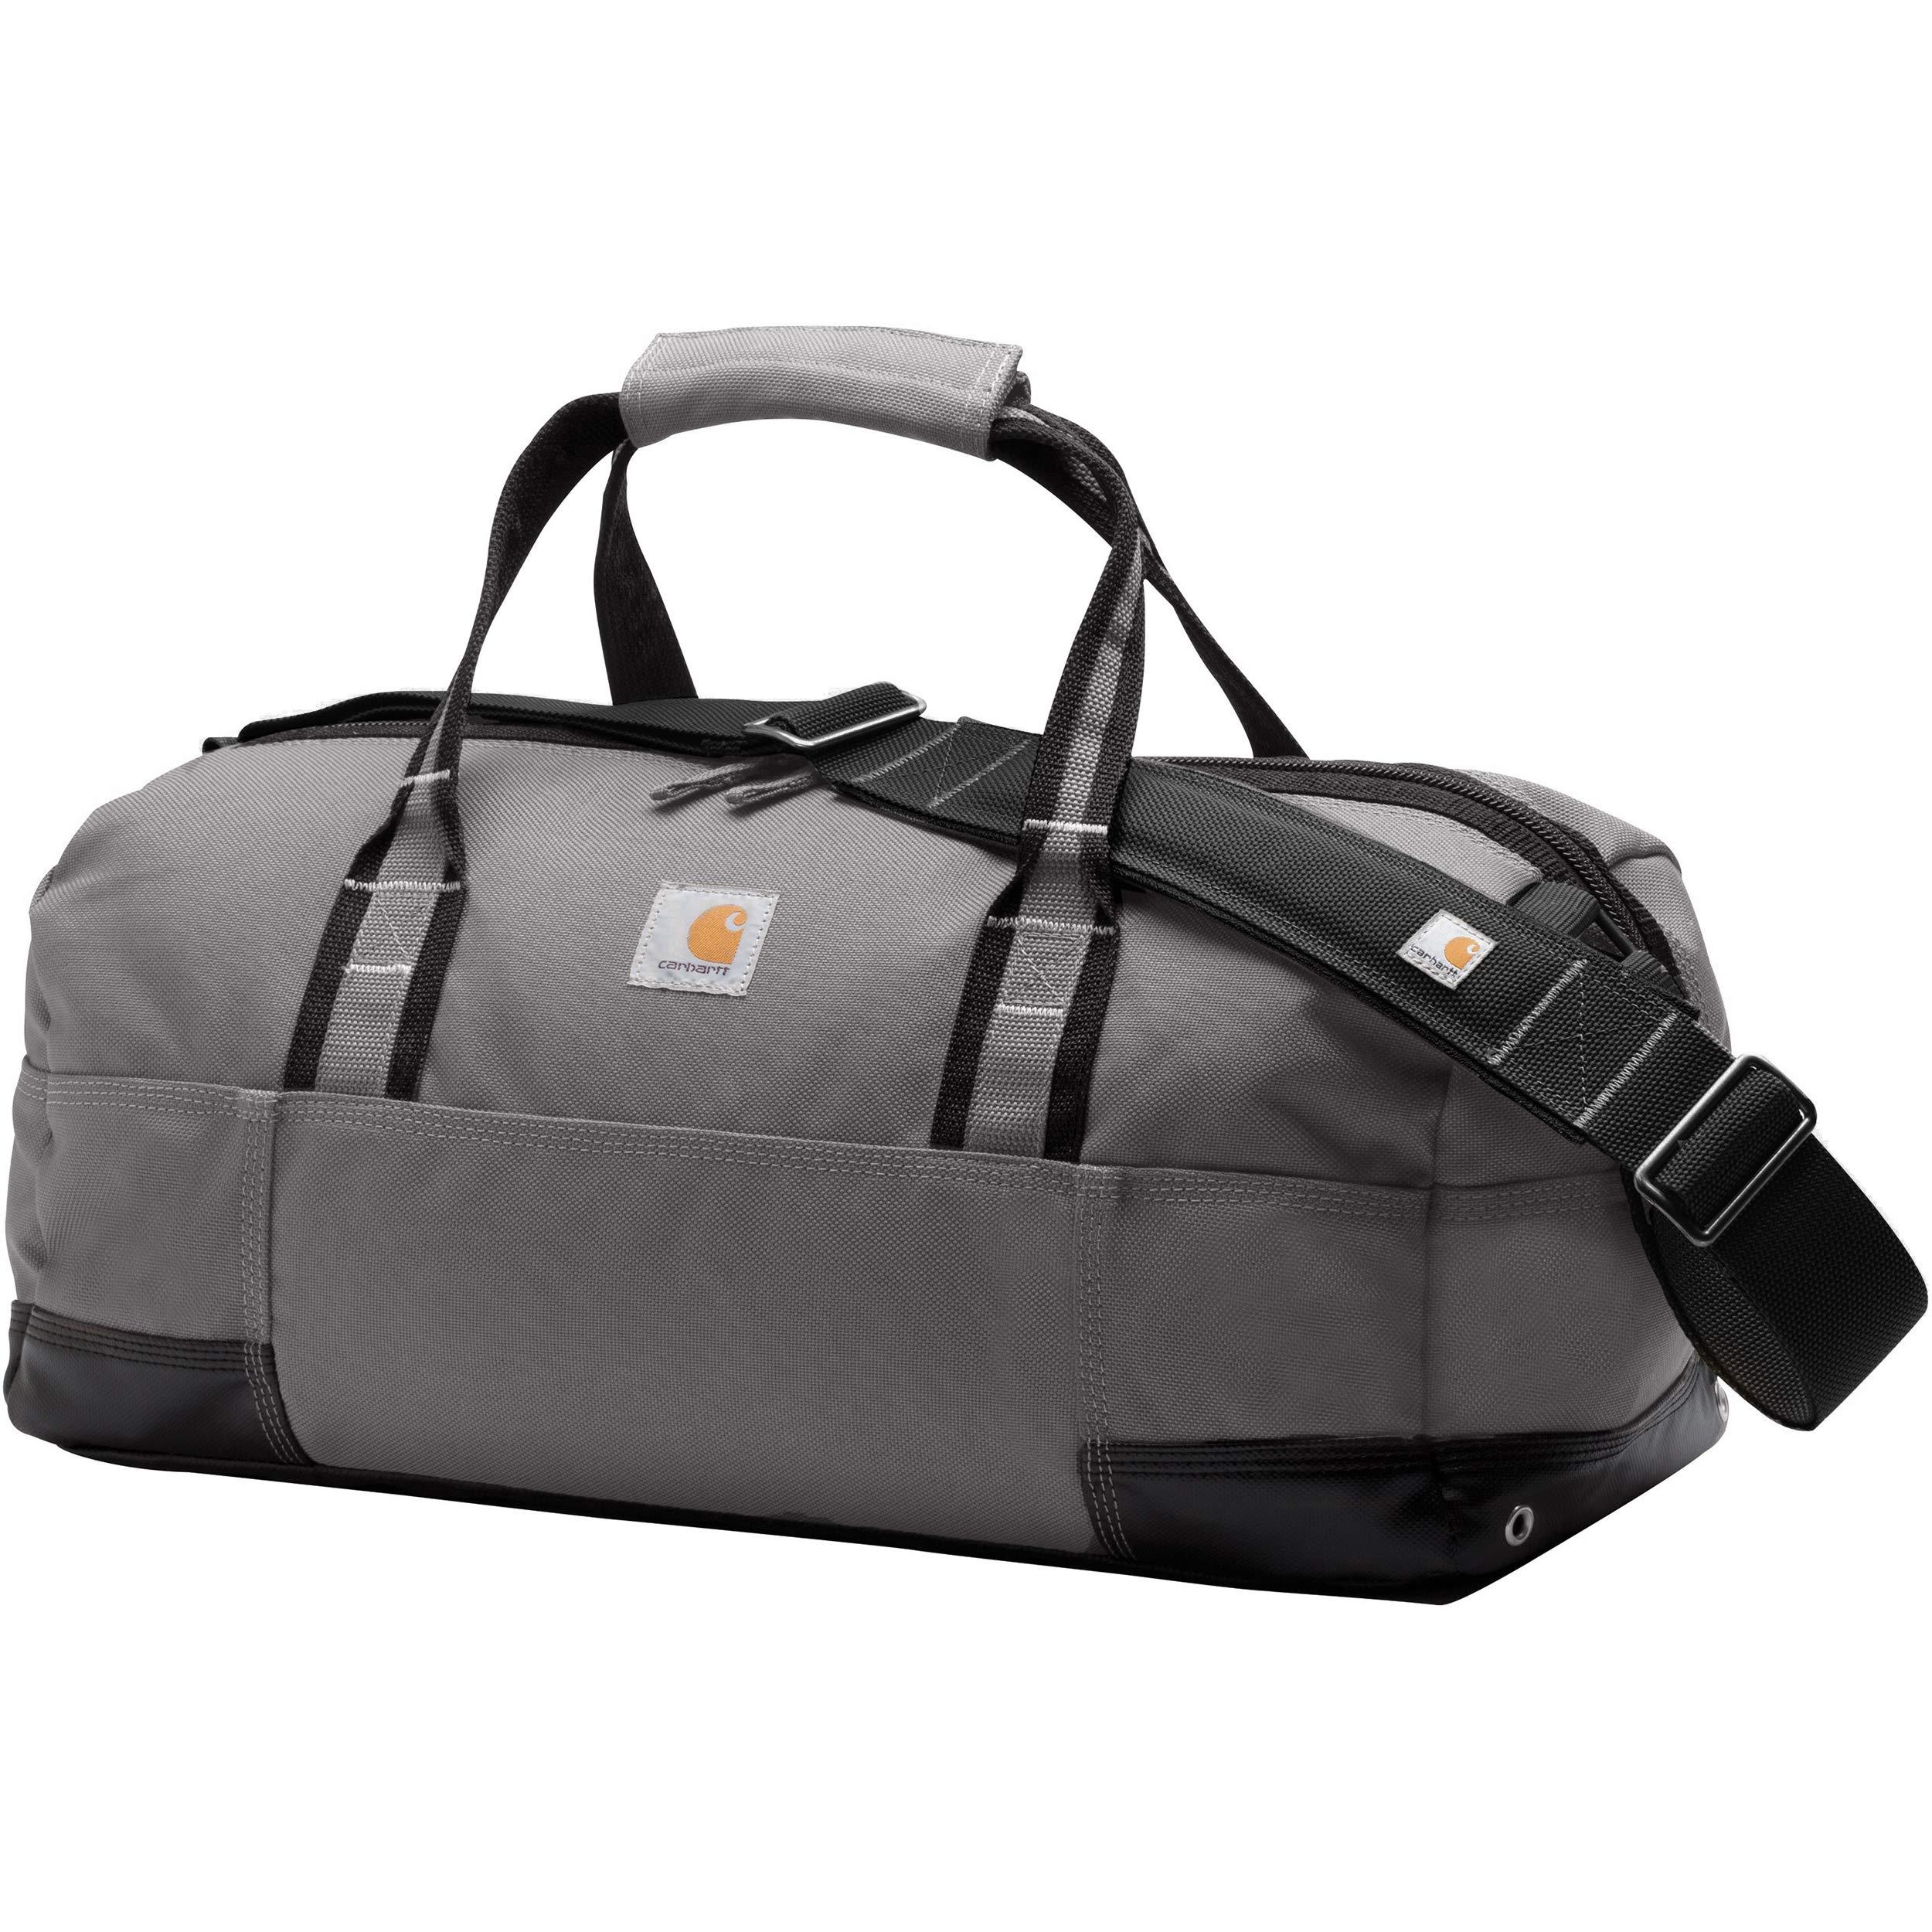 Carhartt Legacy Gear Bag, 20-Inch, Grey by Carhartt